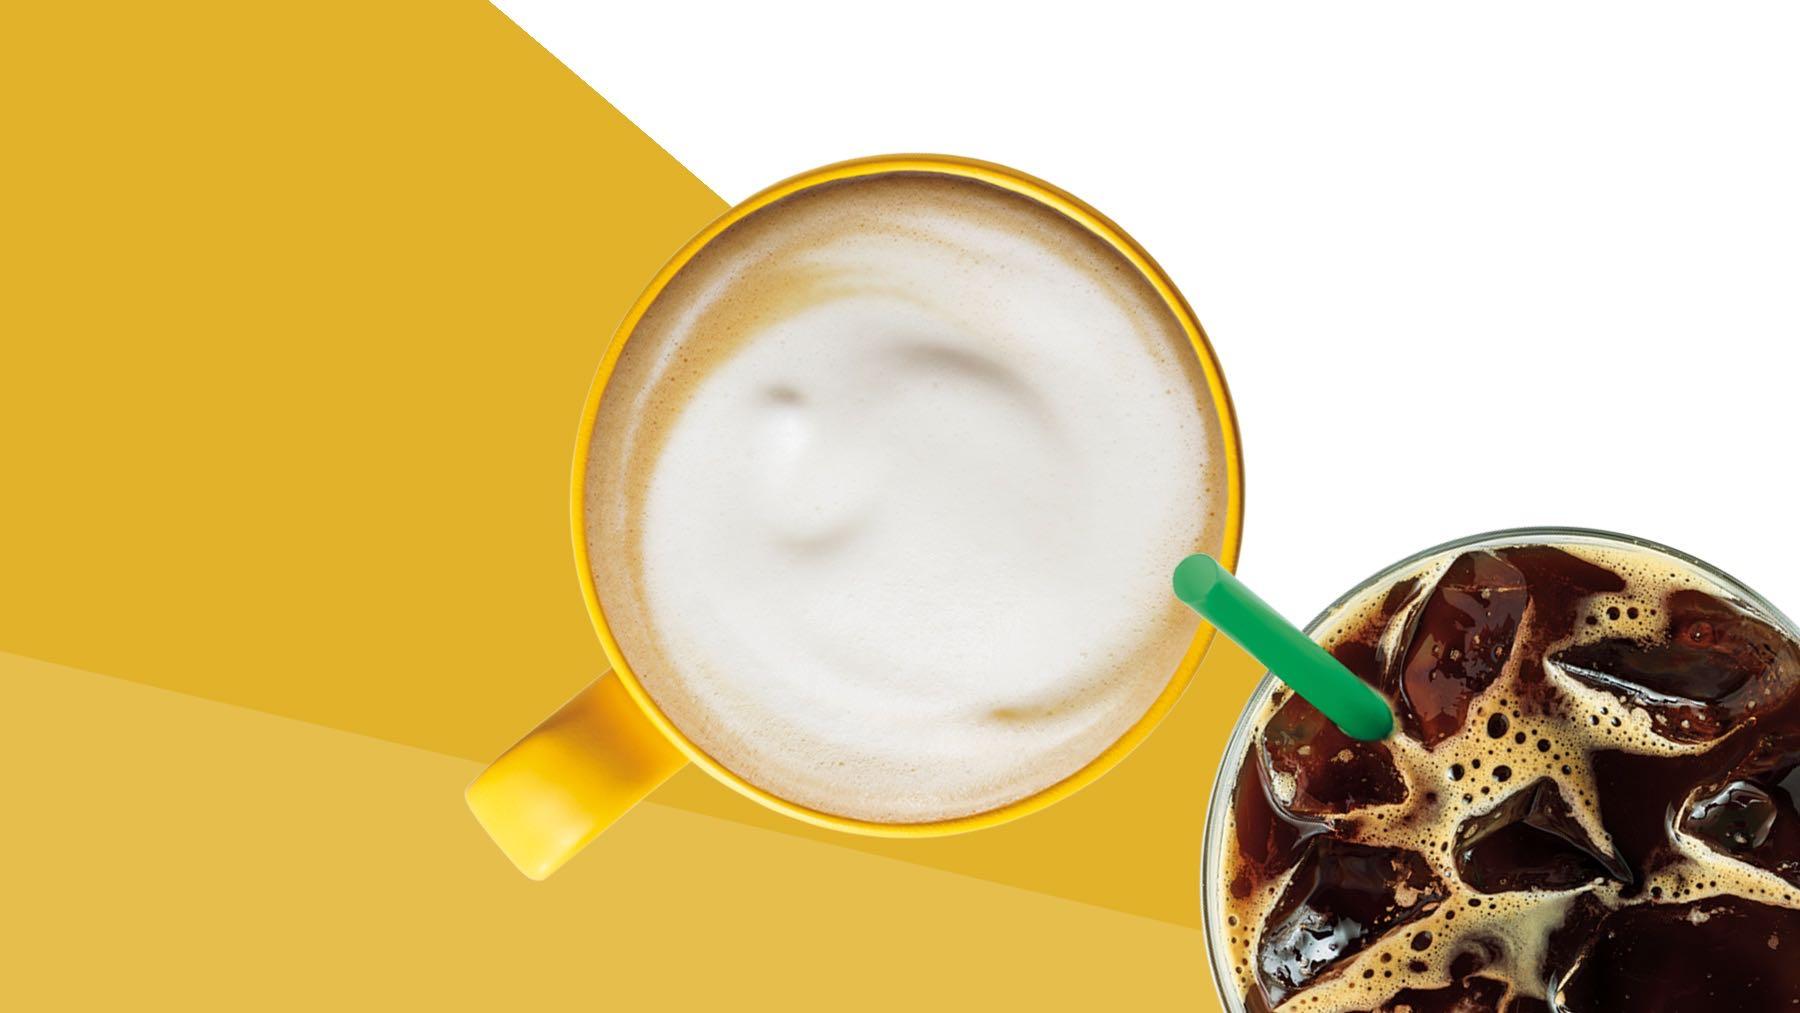 Starbucks New Blonde Espresso Taste Test